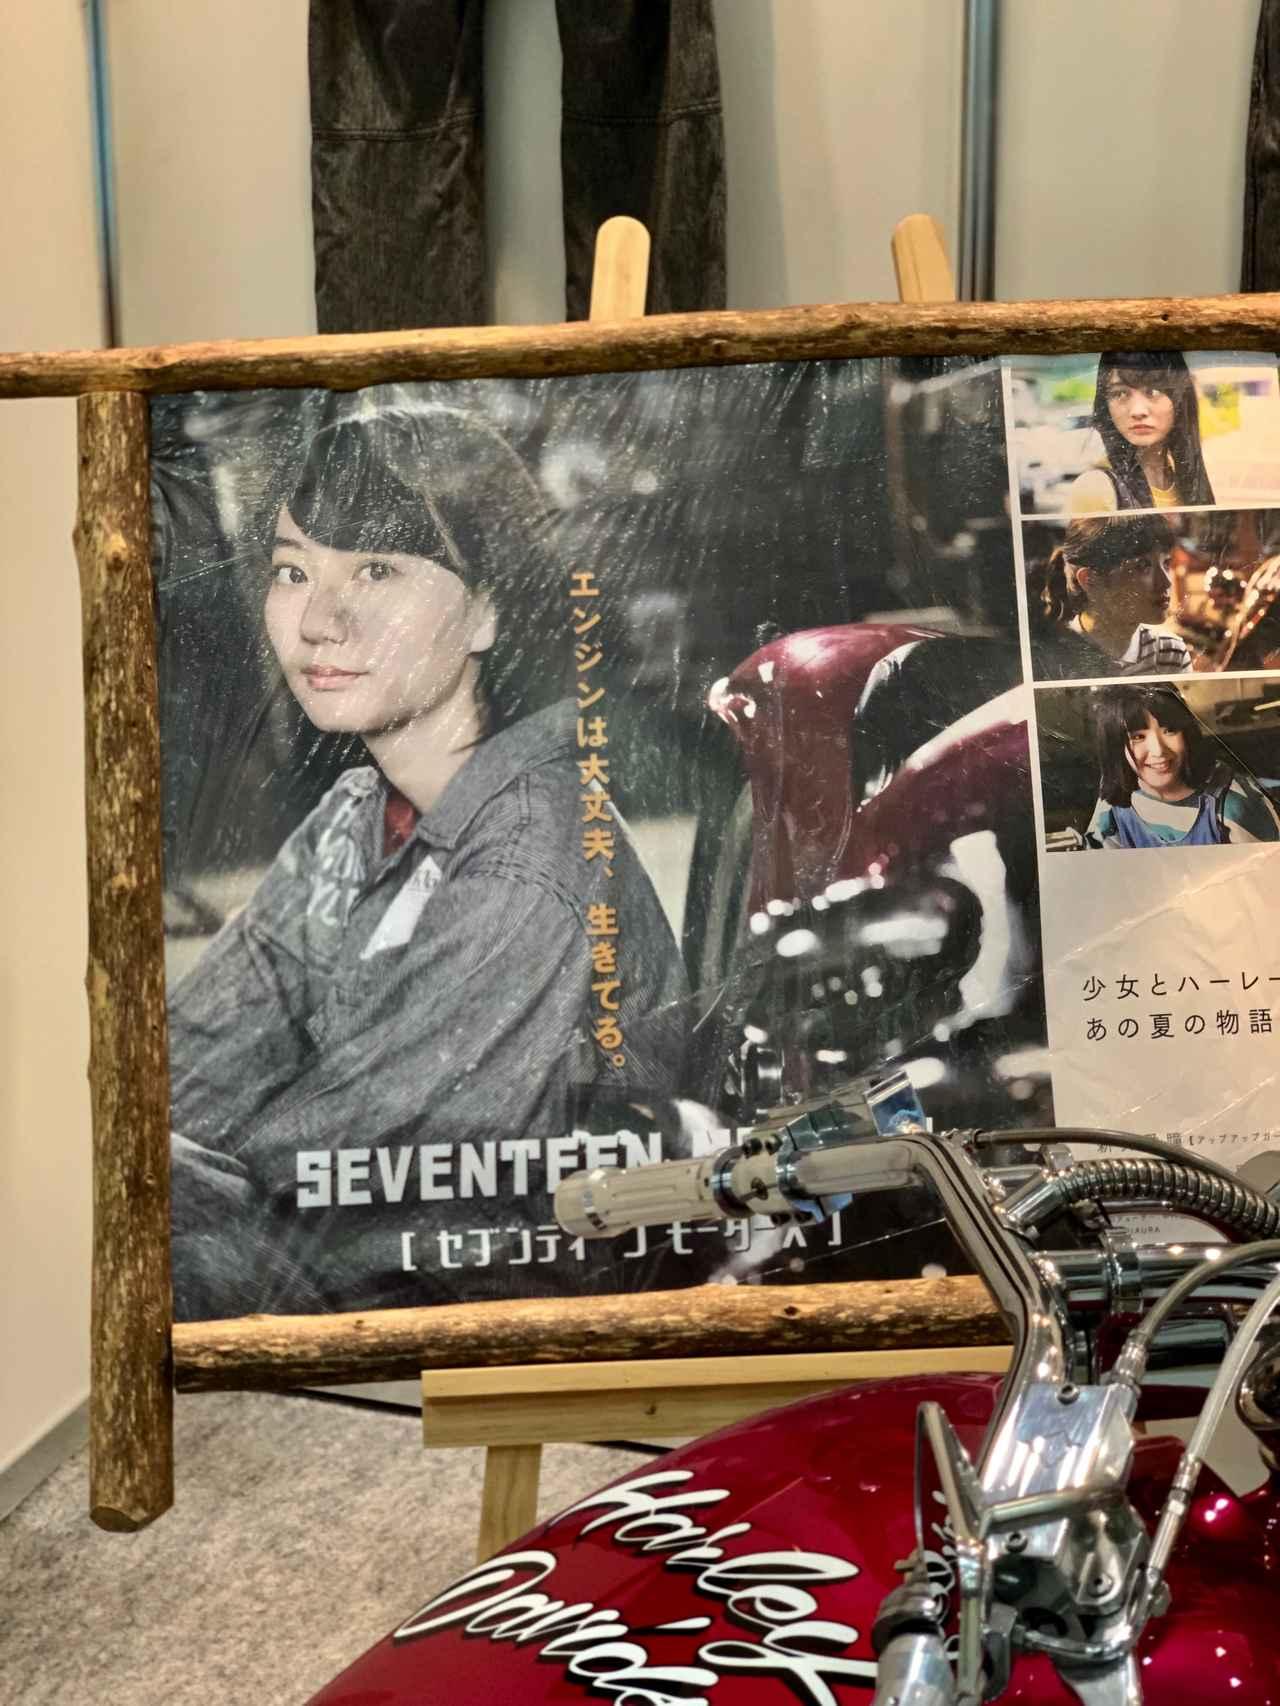 画像: 主演の新井愛瞳(アプガ仮)さんはポスターのみの登場(この日はご本人は来場されていませんでした涙)